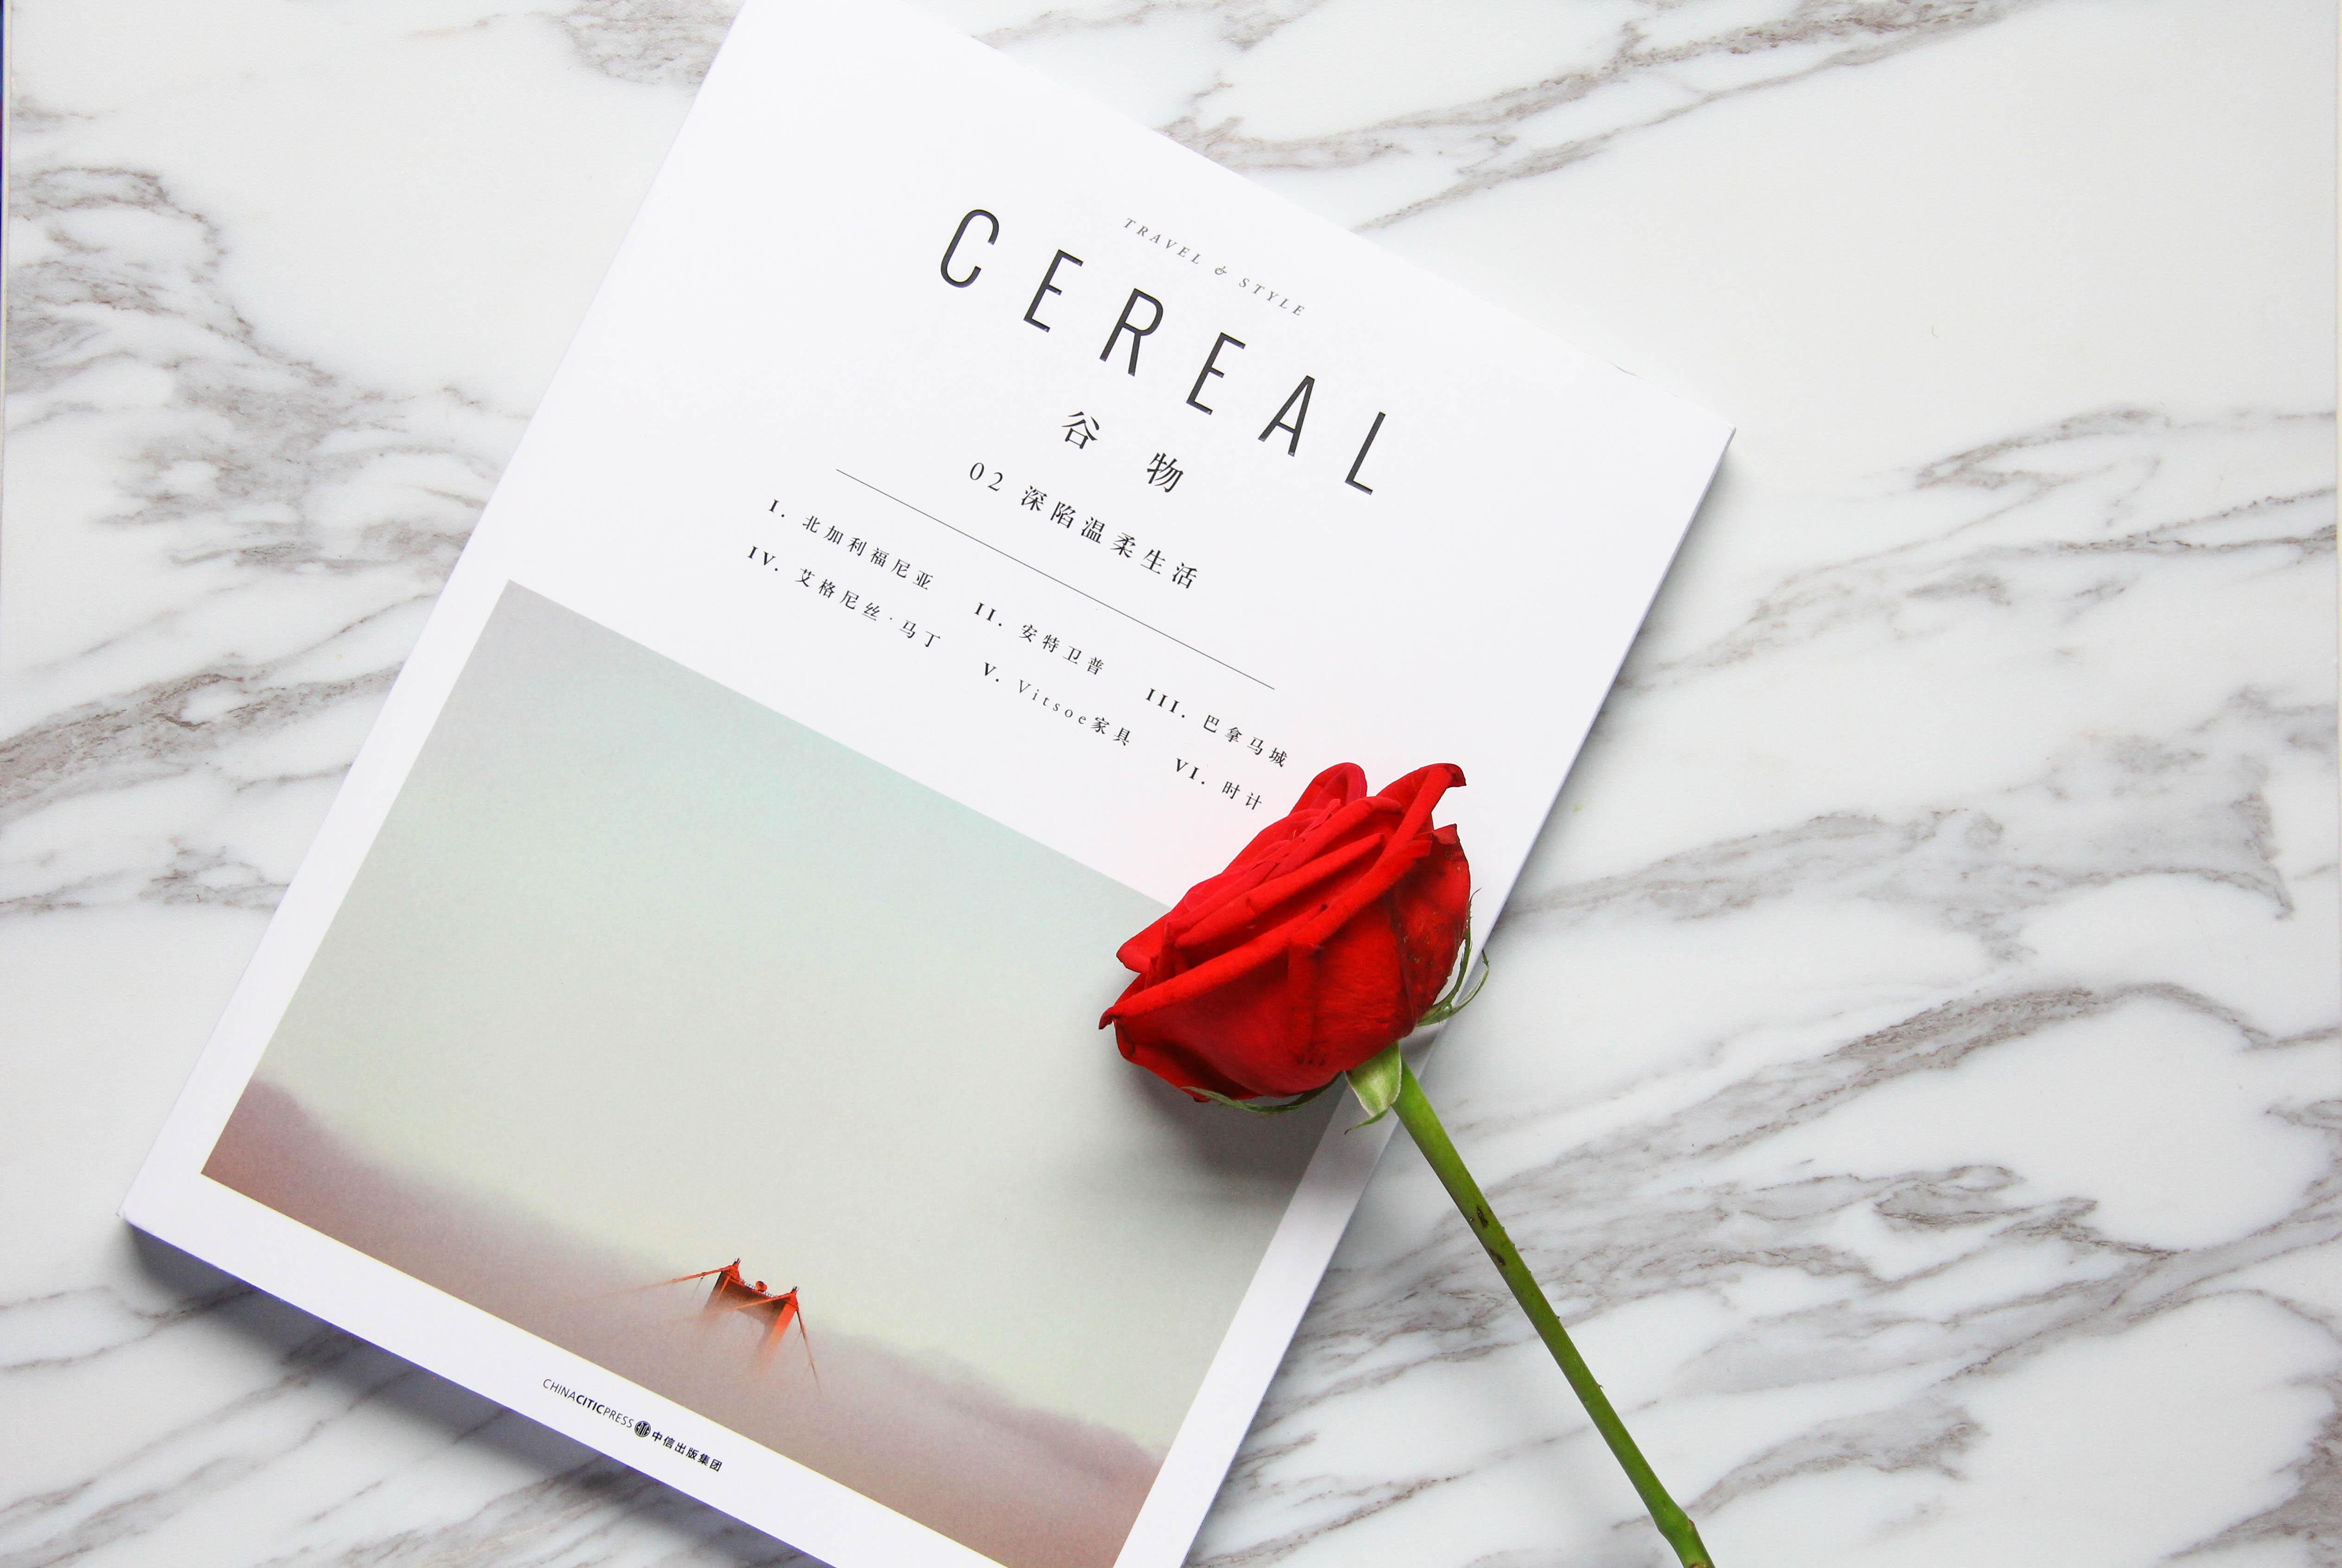 摄图网_500537614_书本上的一朵红玫瑰静物背景素材(企业商用).jpg